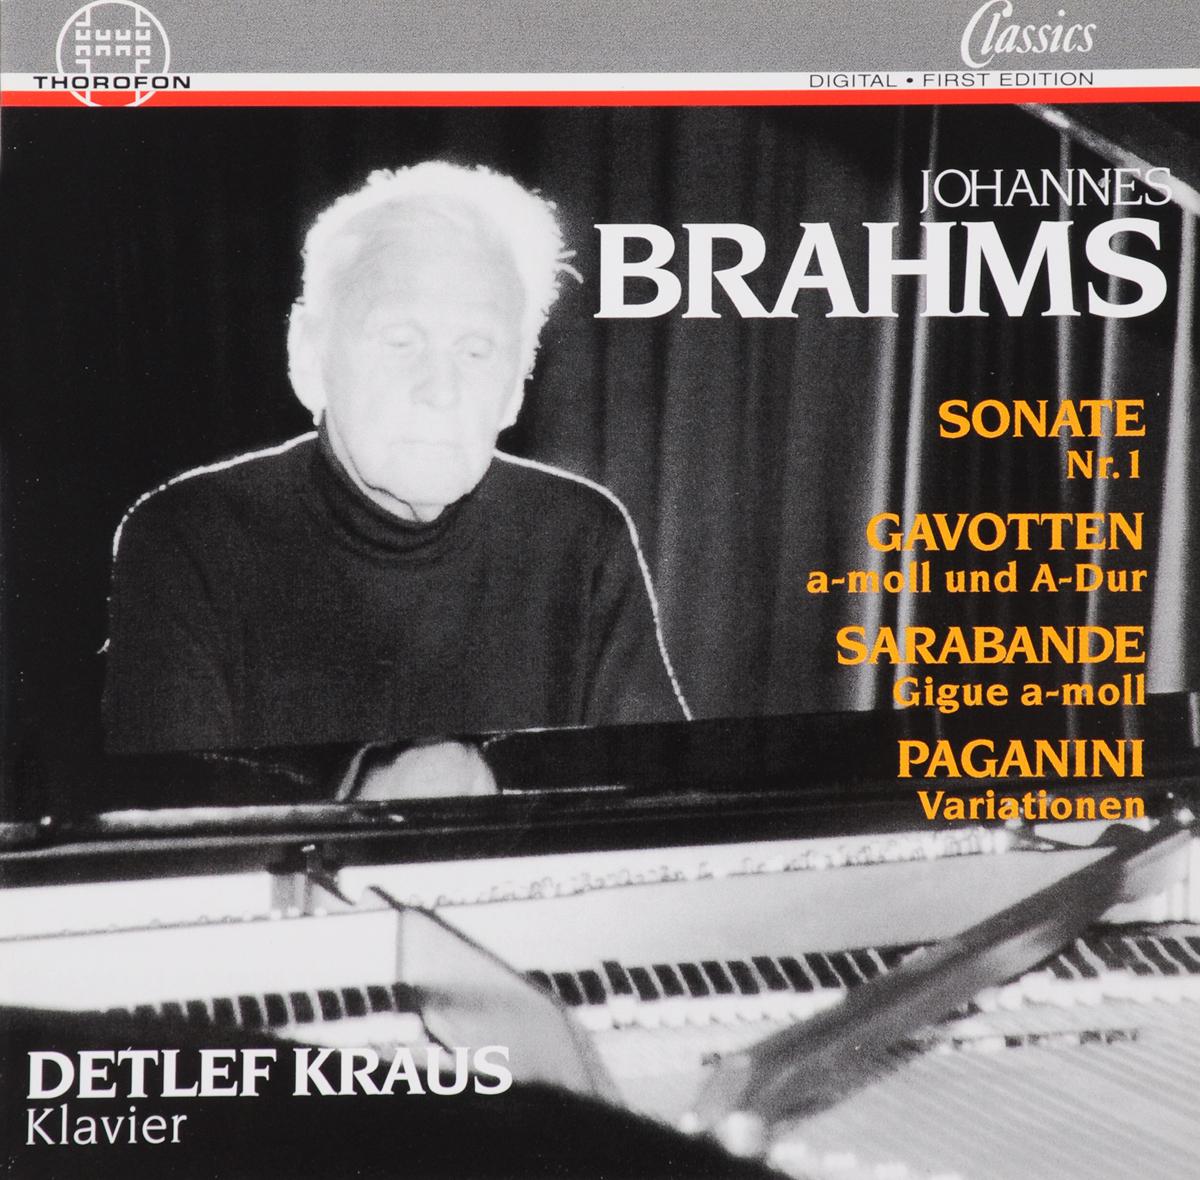 J. Brahms J. Brahms. Sonate Nr.1 j